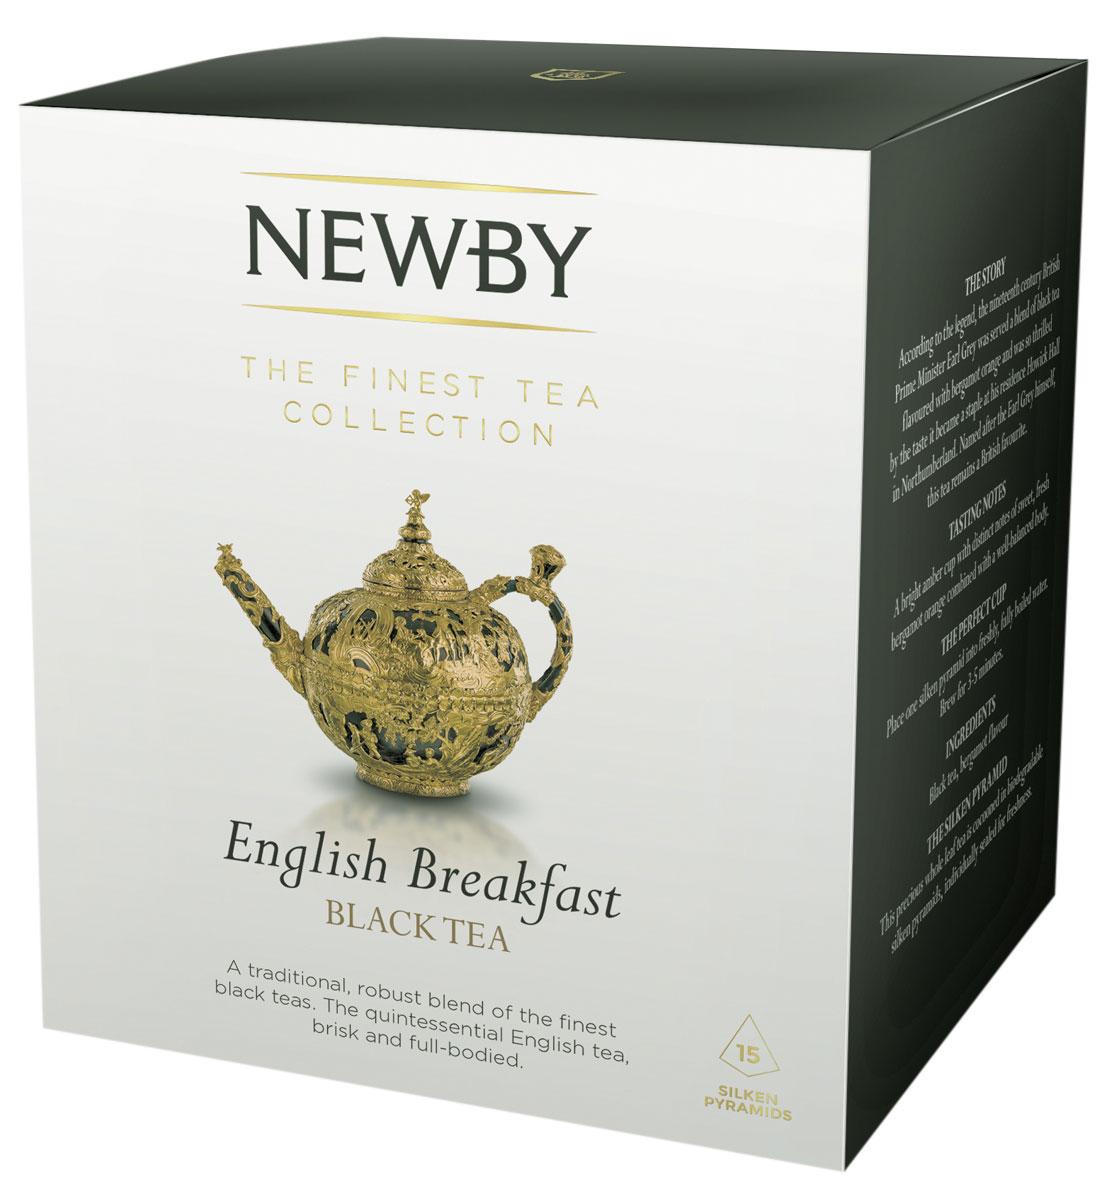 Newby English Breakfast черный чай в пирамидках, 15 шт майский корона российской империи черный чай в пирамидках 20 шт